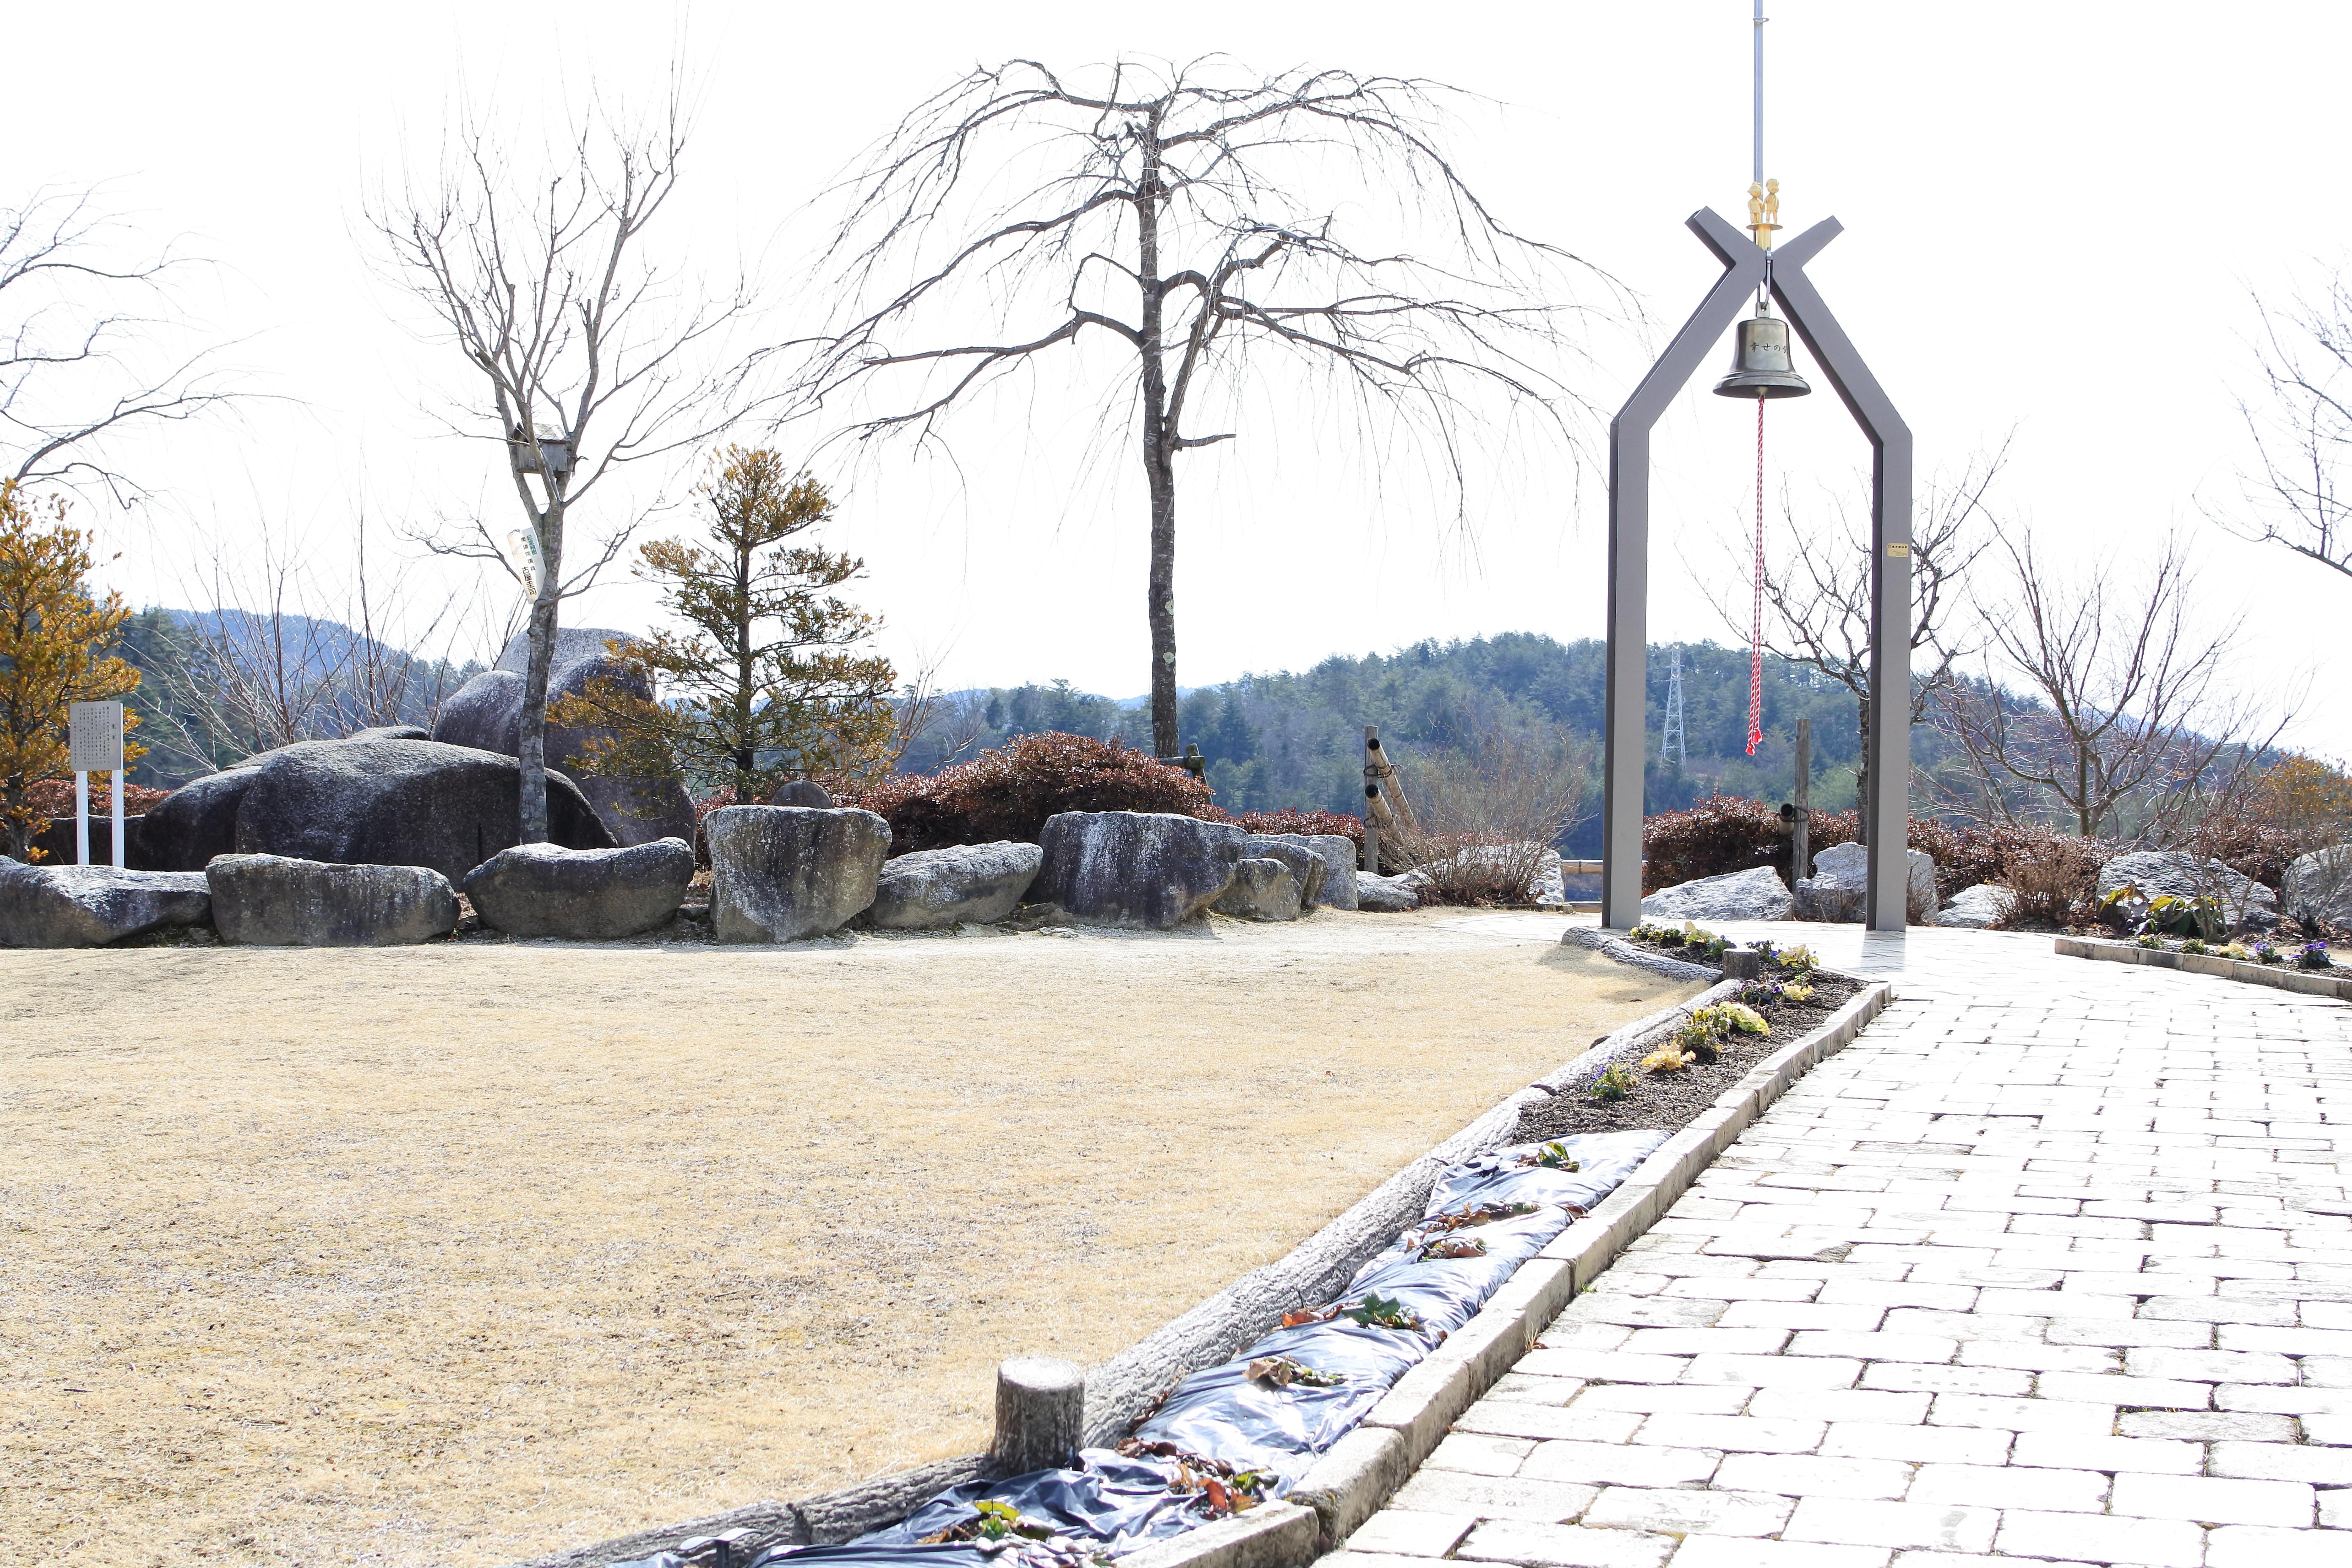 日本一の木製水車でお馴染み『山岡のおばあちゃん市』は、春のおでかけにオススメ - DSC 1170